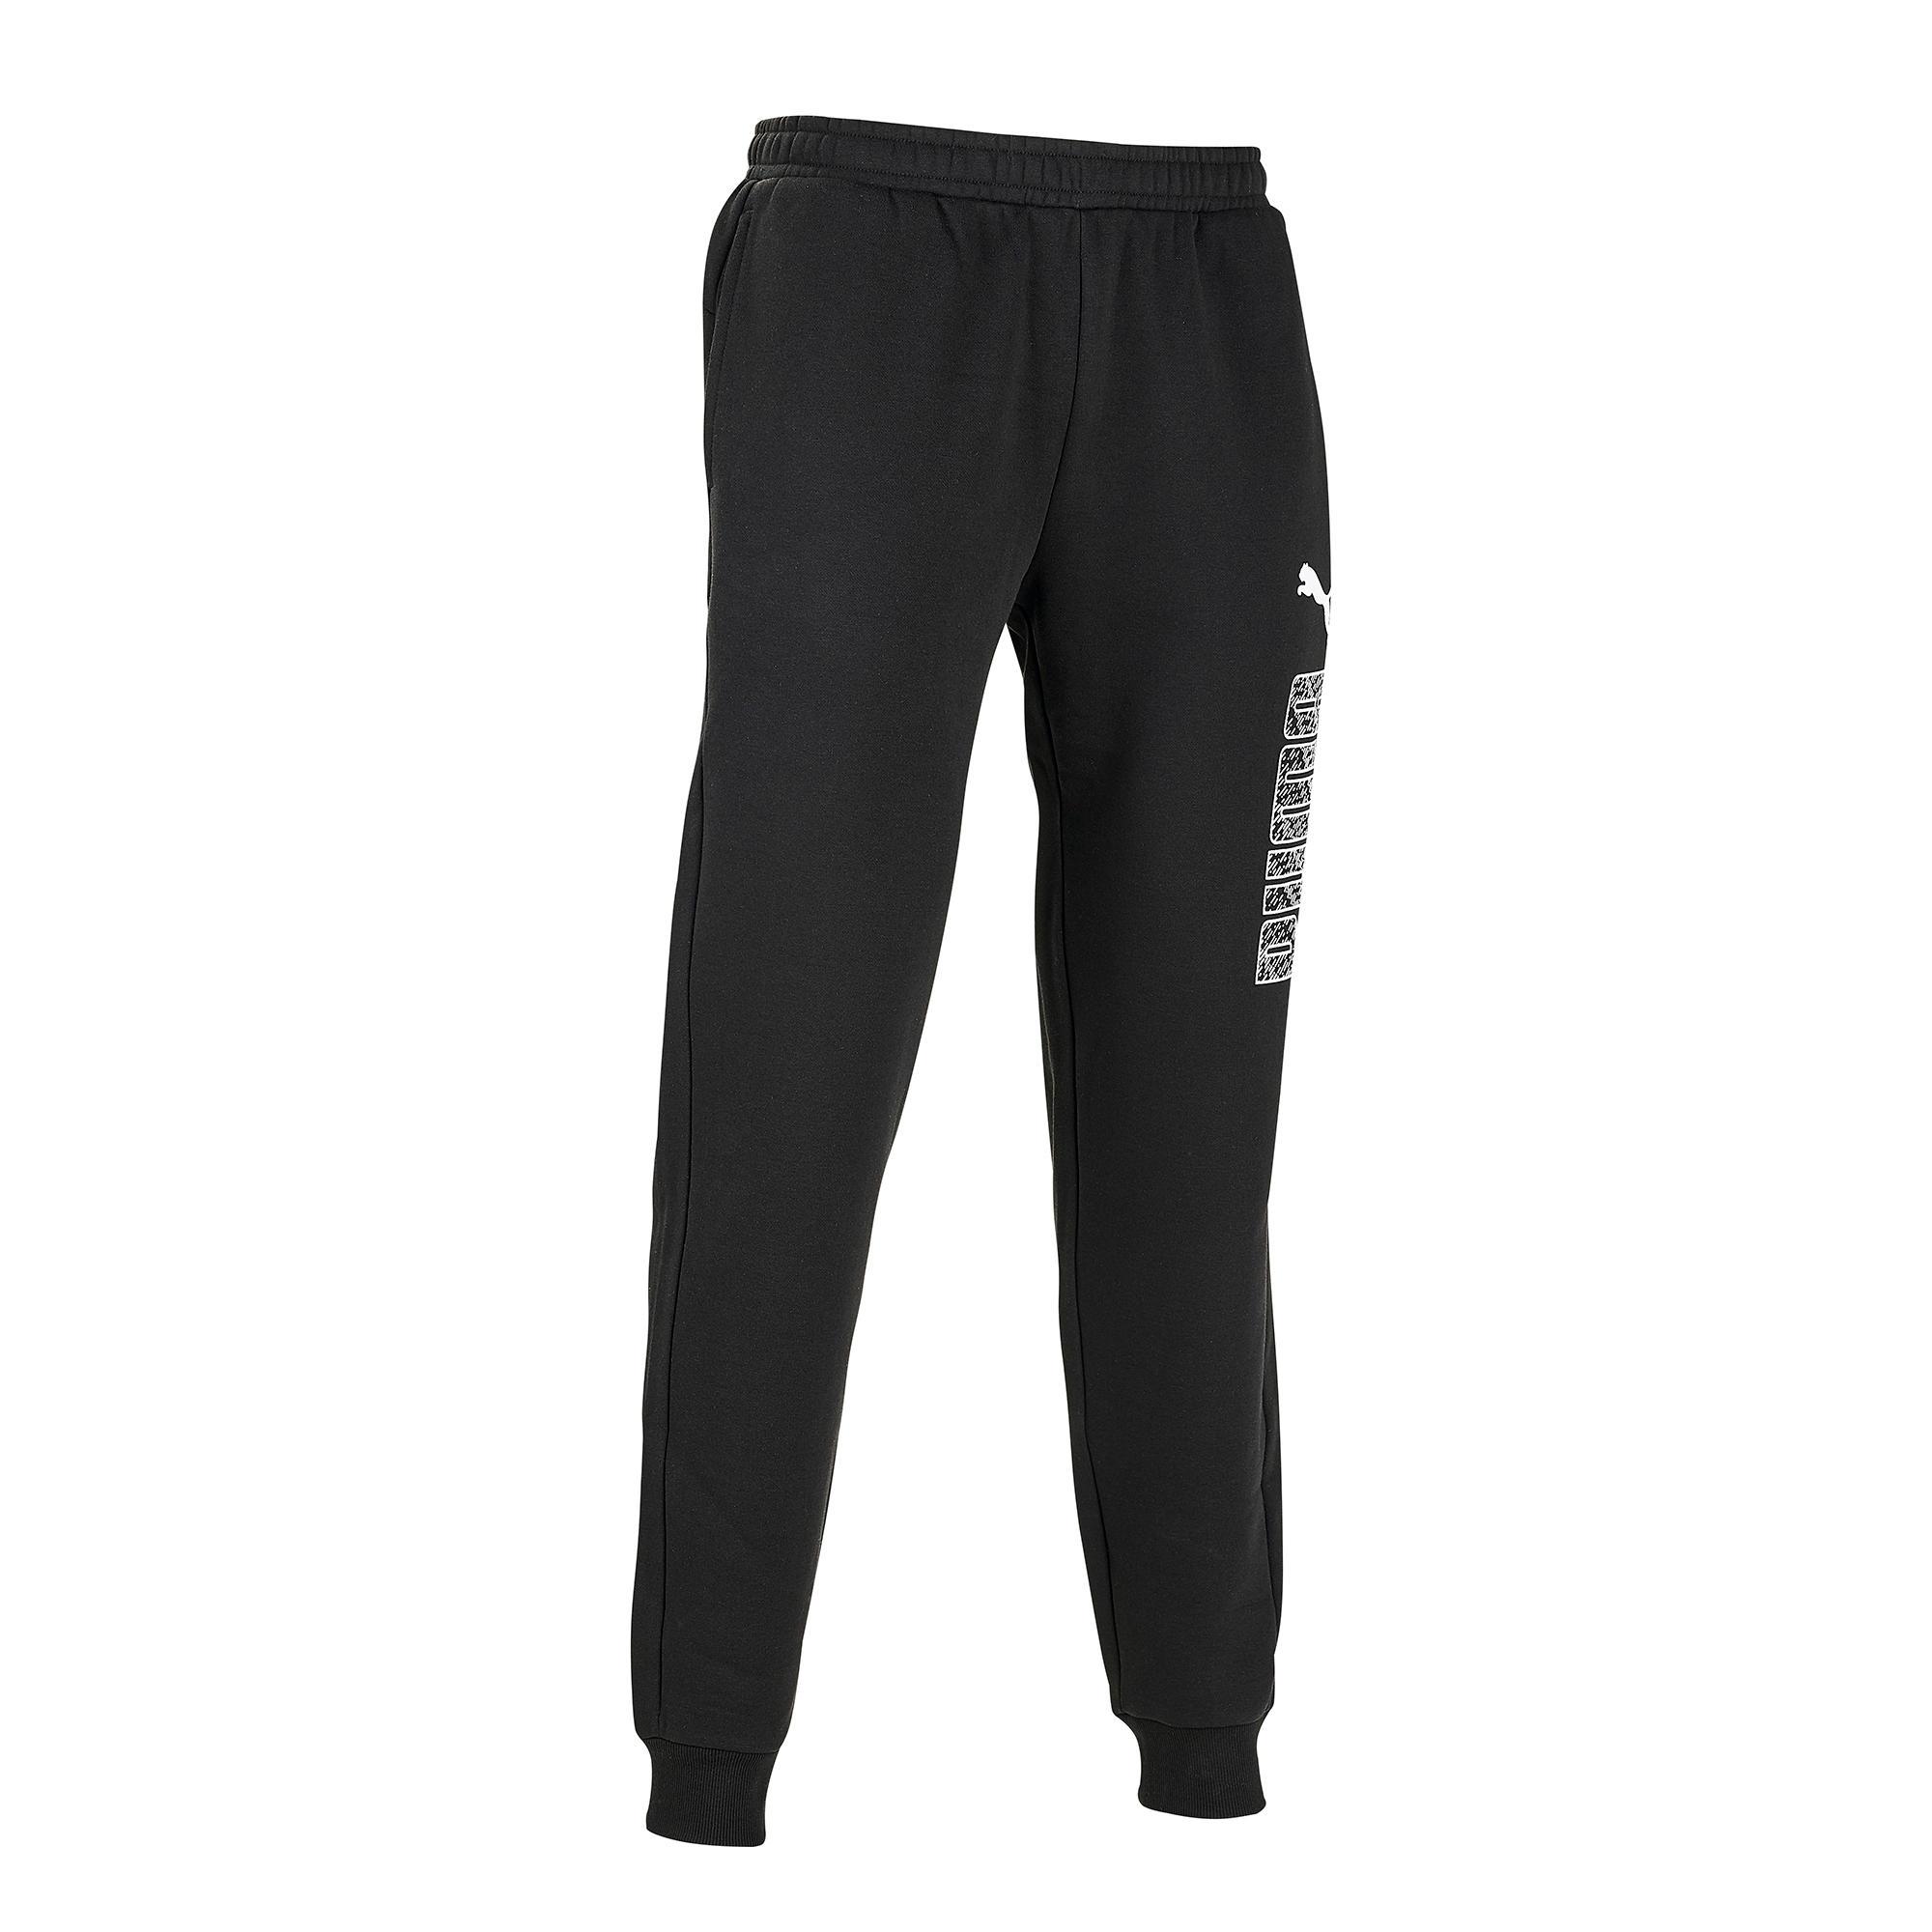 Precio 50% venta barata del reino unido tiendas populares Adquirir > pantalon chandal nike decathlon- Off 62% - oleyis.org.tr!